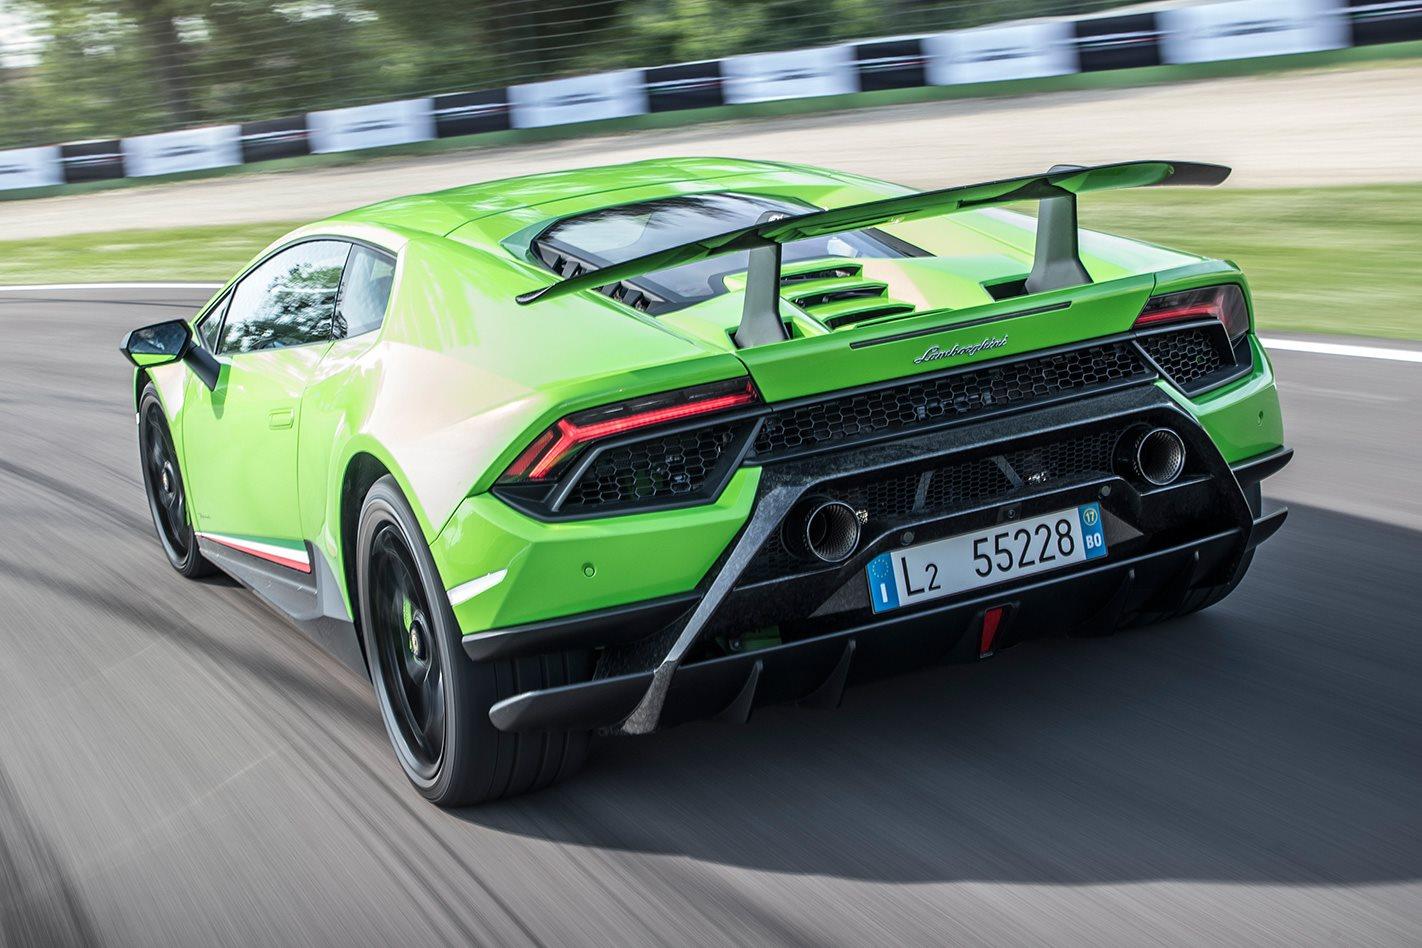 2017 Lamborghini Huracan Performante rear